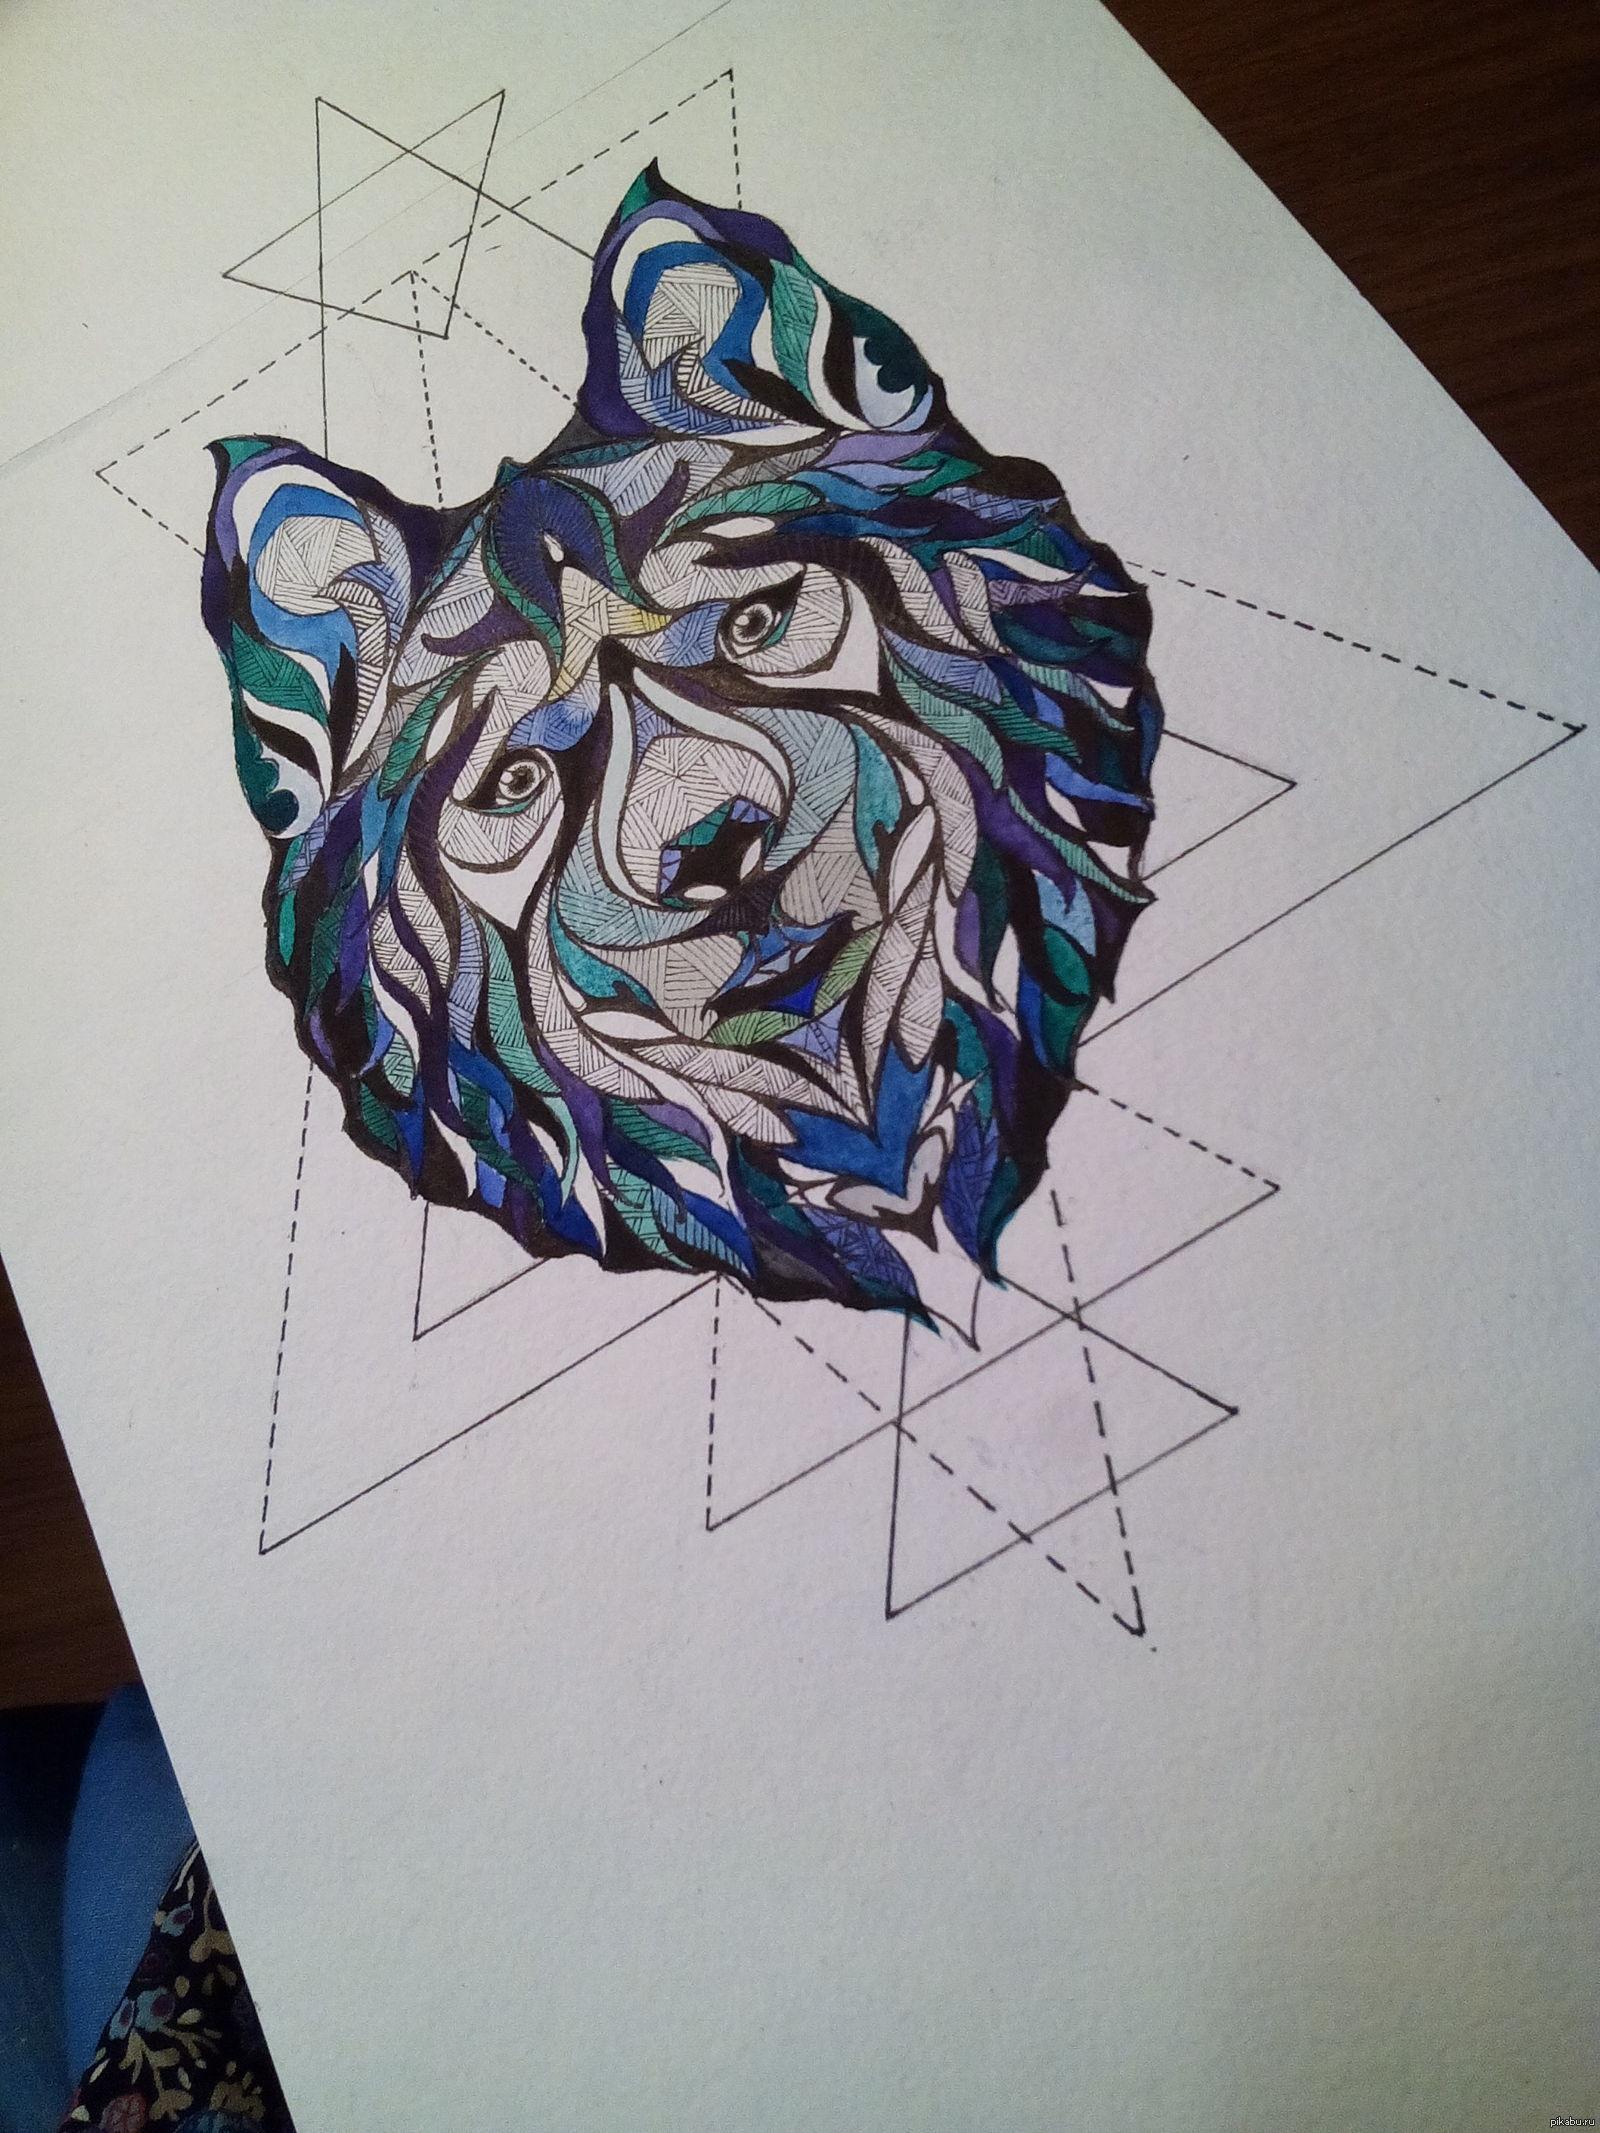 Картинки Геометрическое тату эскиз 124